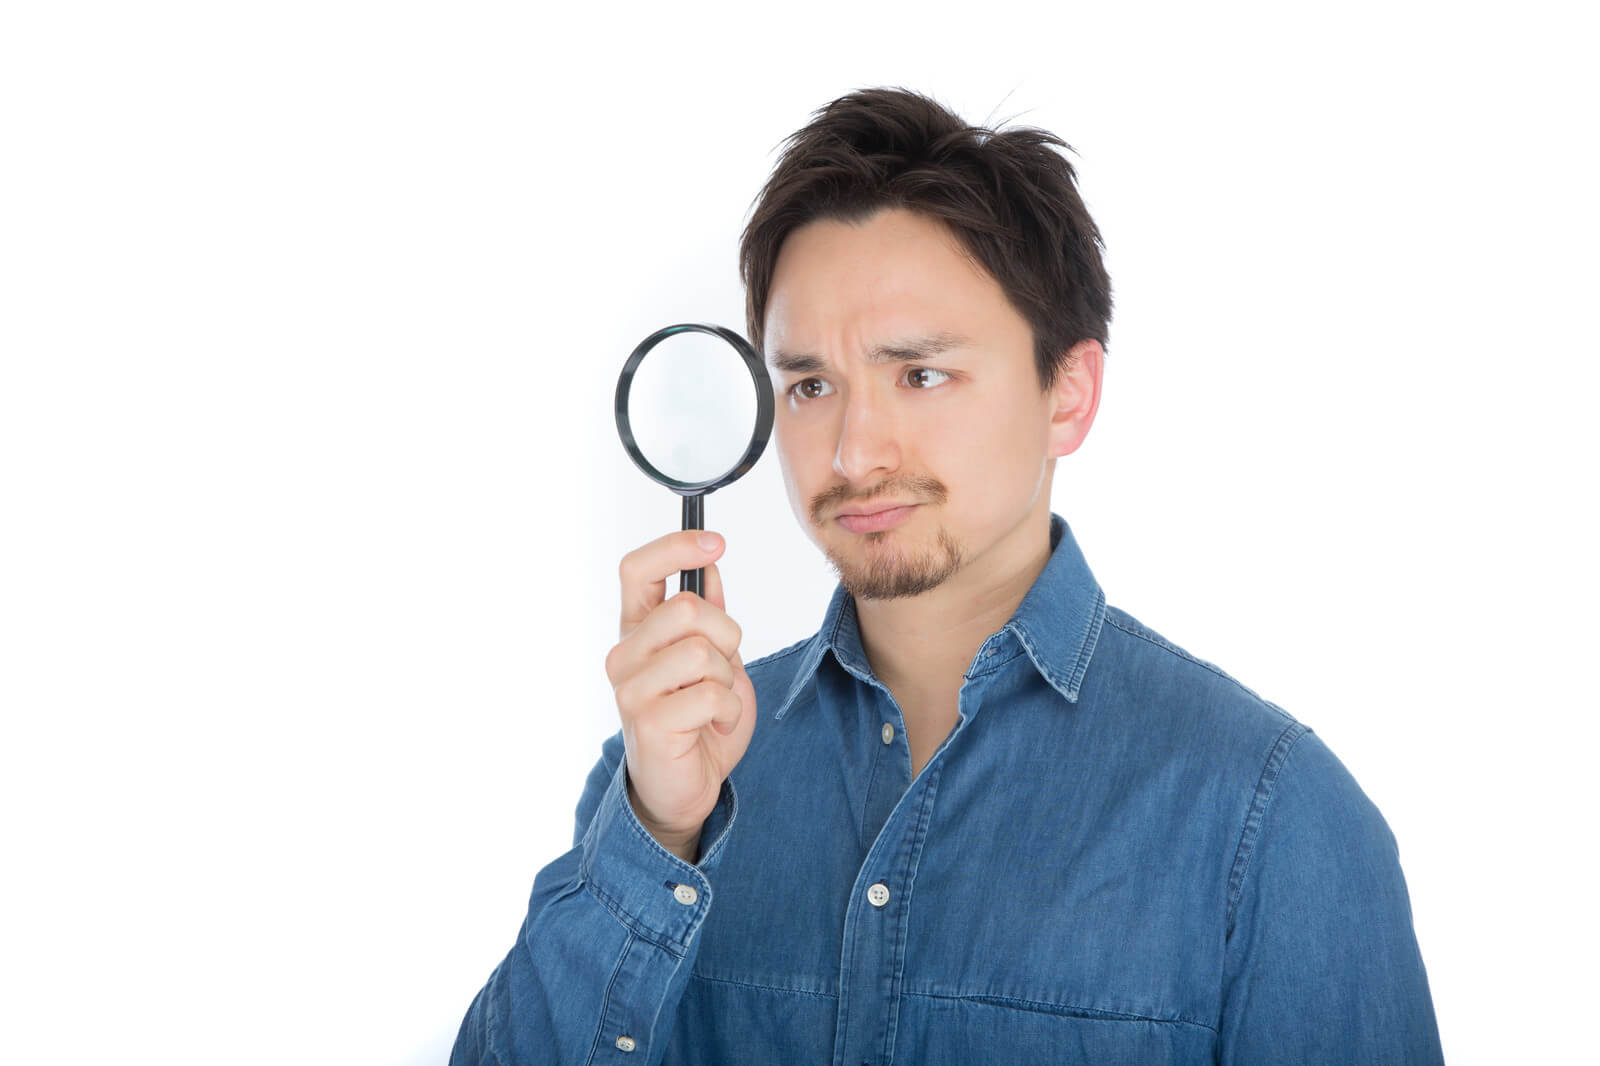 個人情報保護法の改正により何が変わる?